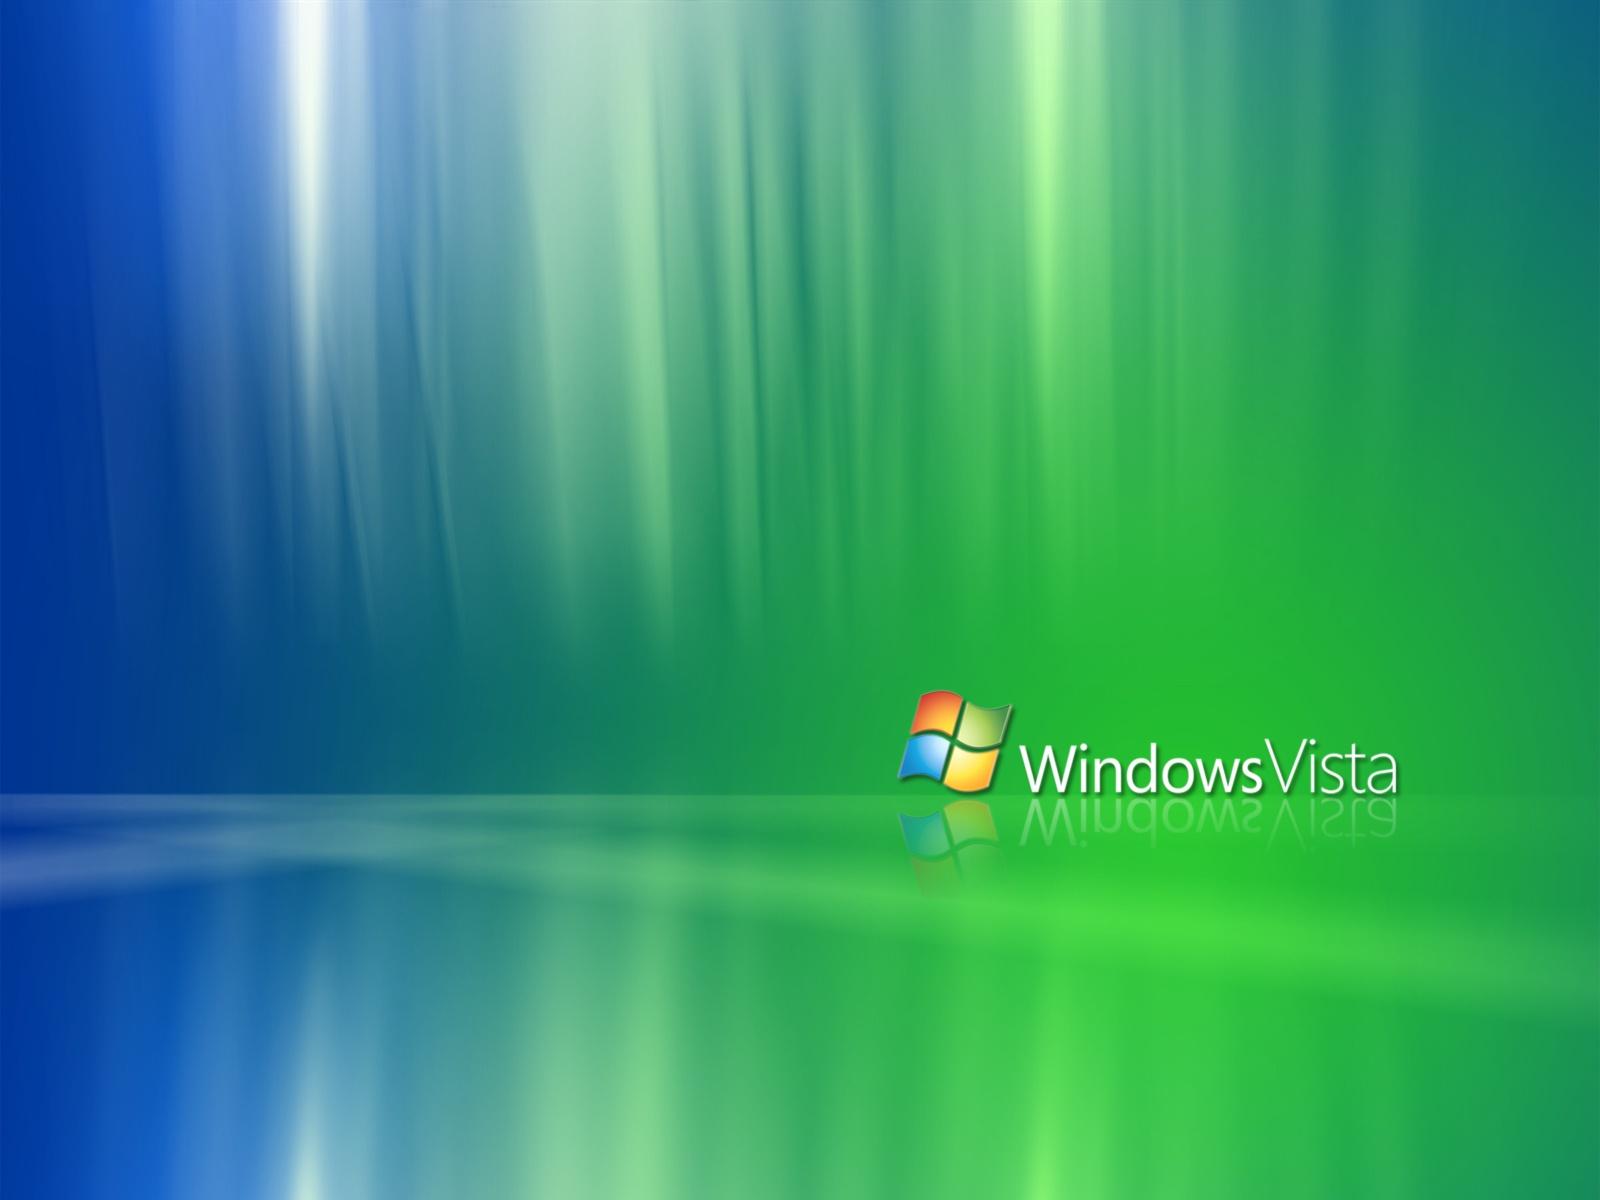 download windows vista iso torrent